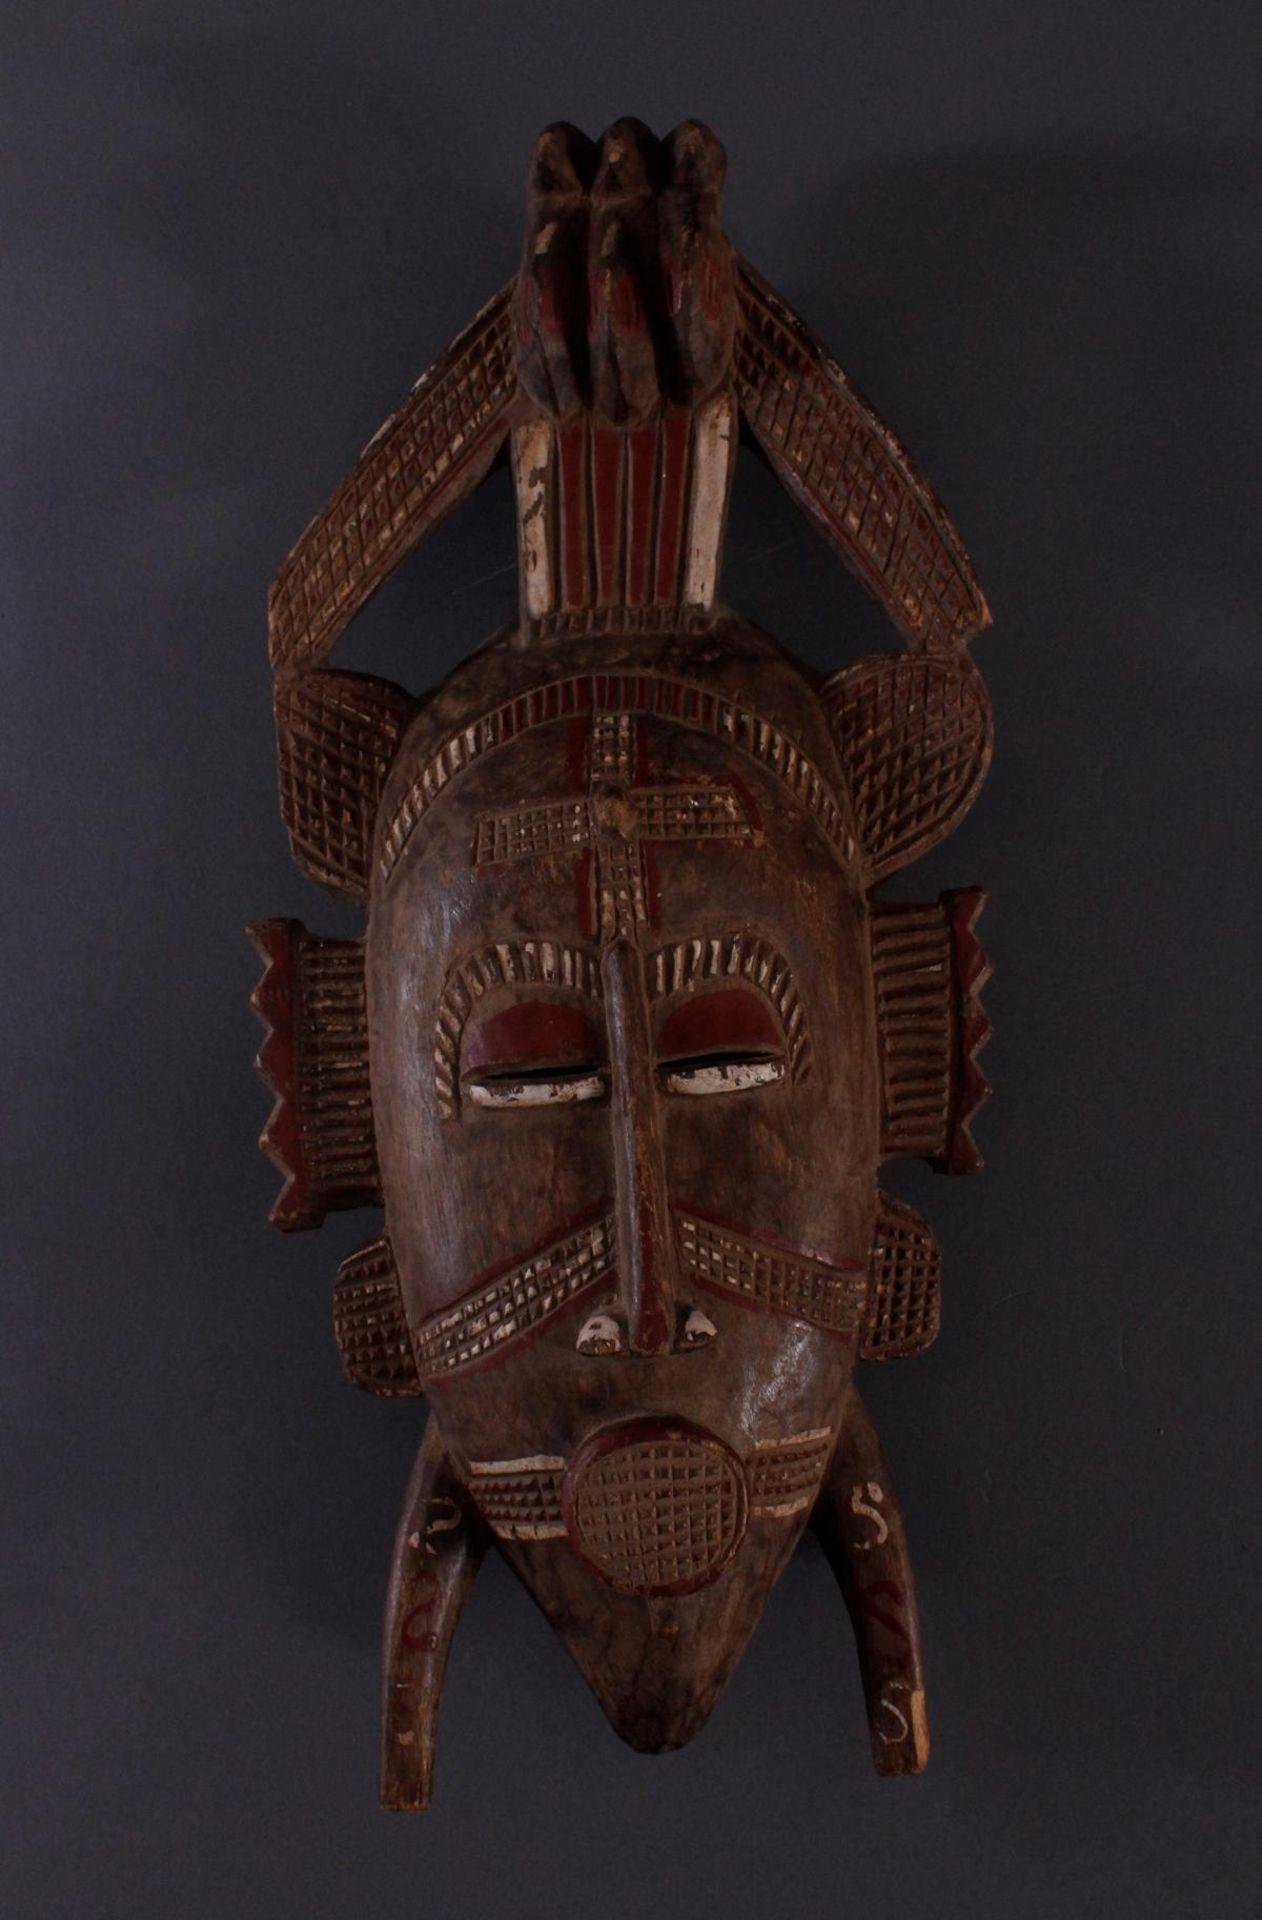 Antike Maske, Senufo, Elfenbeinküste 1. Hälfte 20. Jh.Holz geschnitzt, rotbraune und Weiße Bemalung, - Bild 2 aus 5